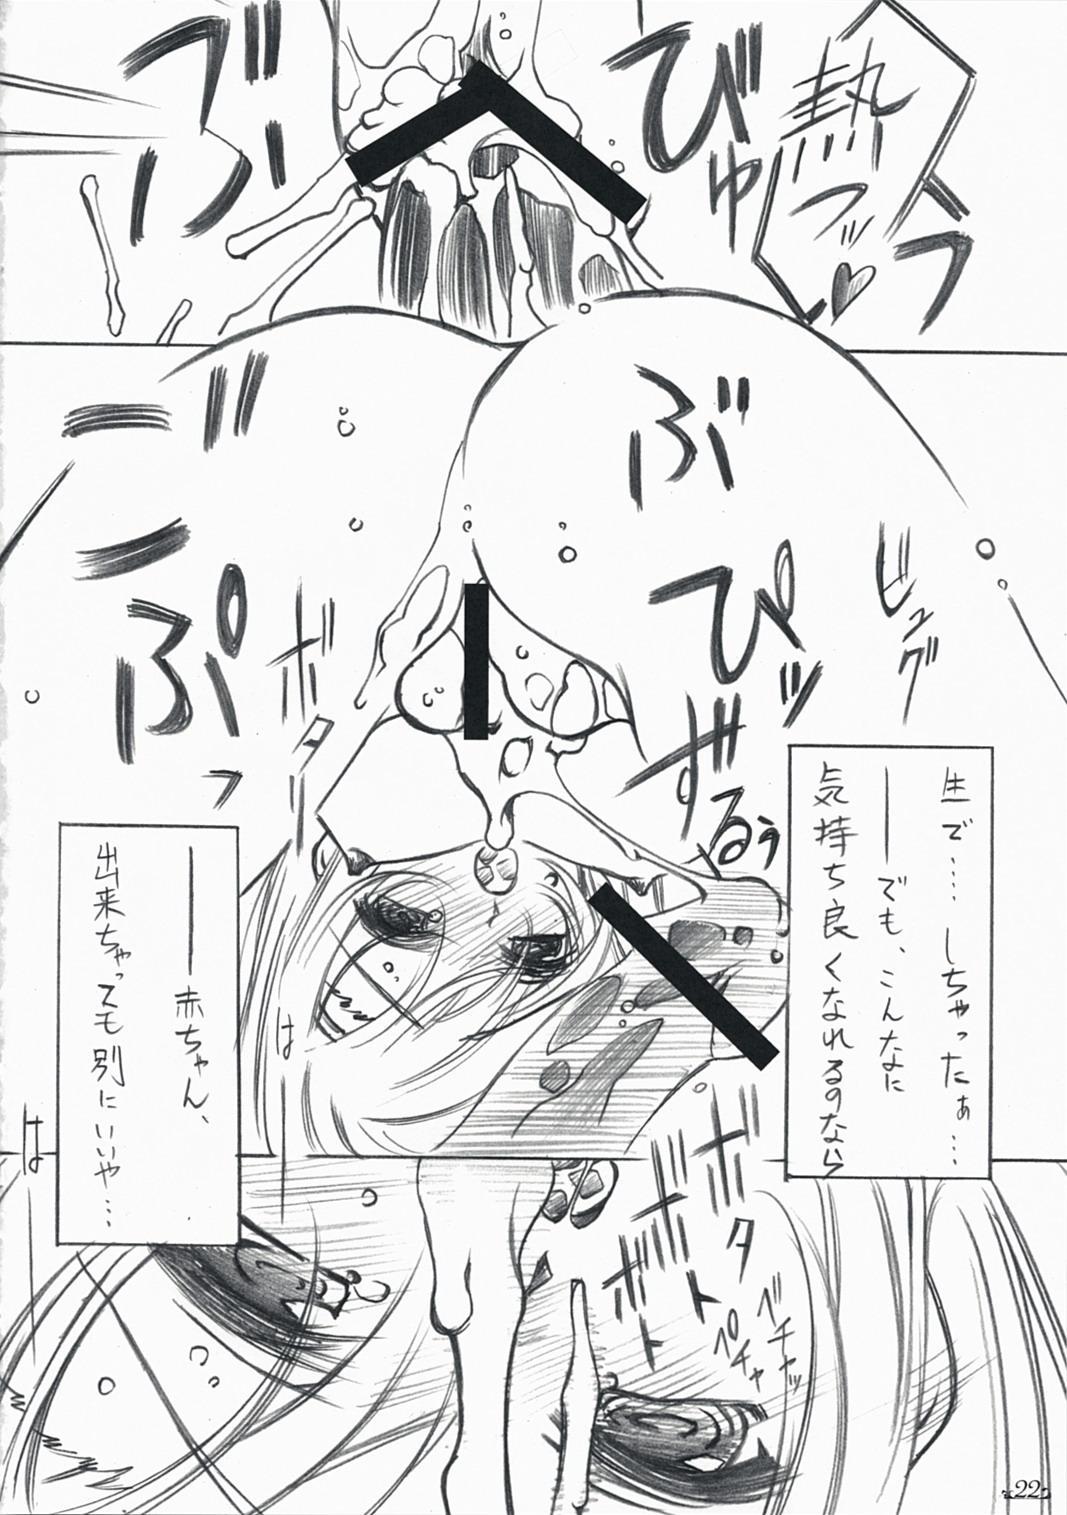 Tengoku e no Kaidan 20